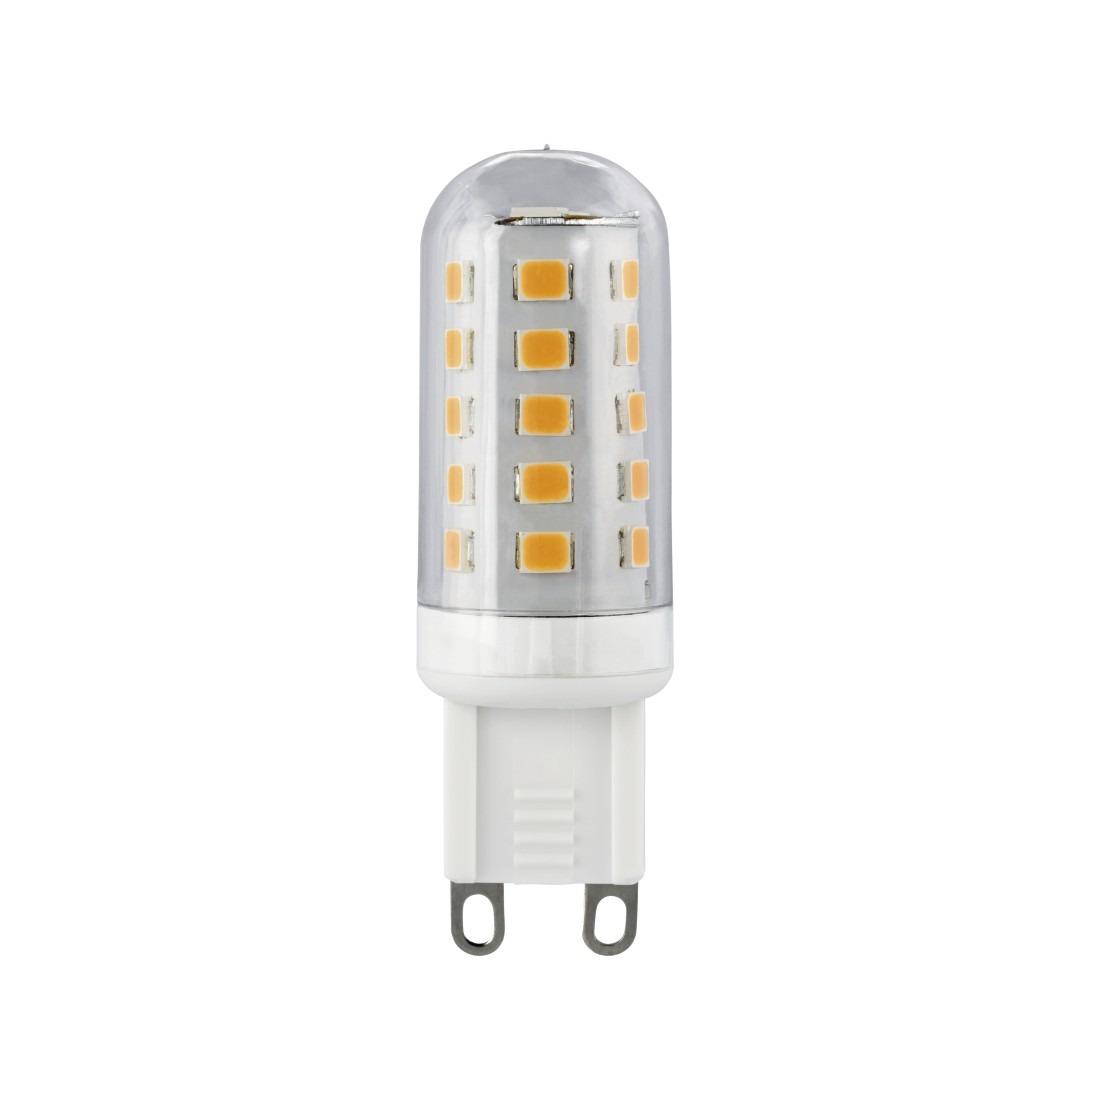 De xavax ledlamp g9 is een bijzonder energie efficiënte lamp met een stroomverbruik van slechts 3,5 watt....